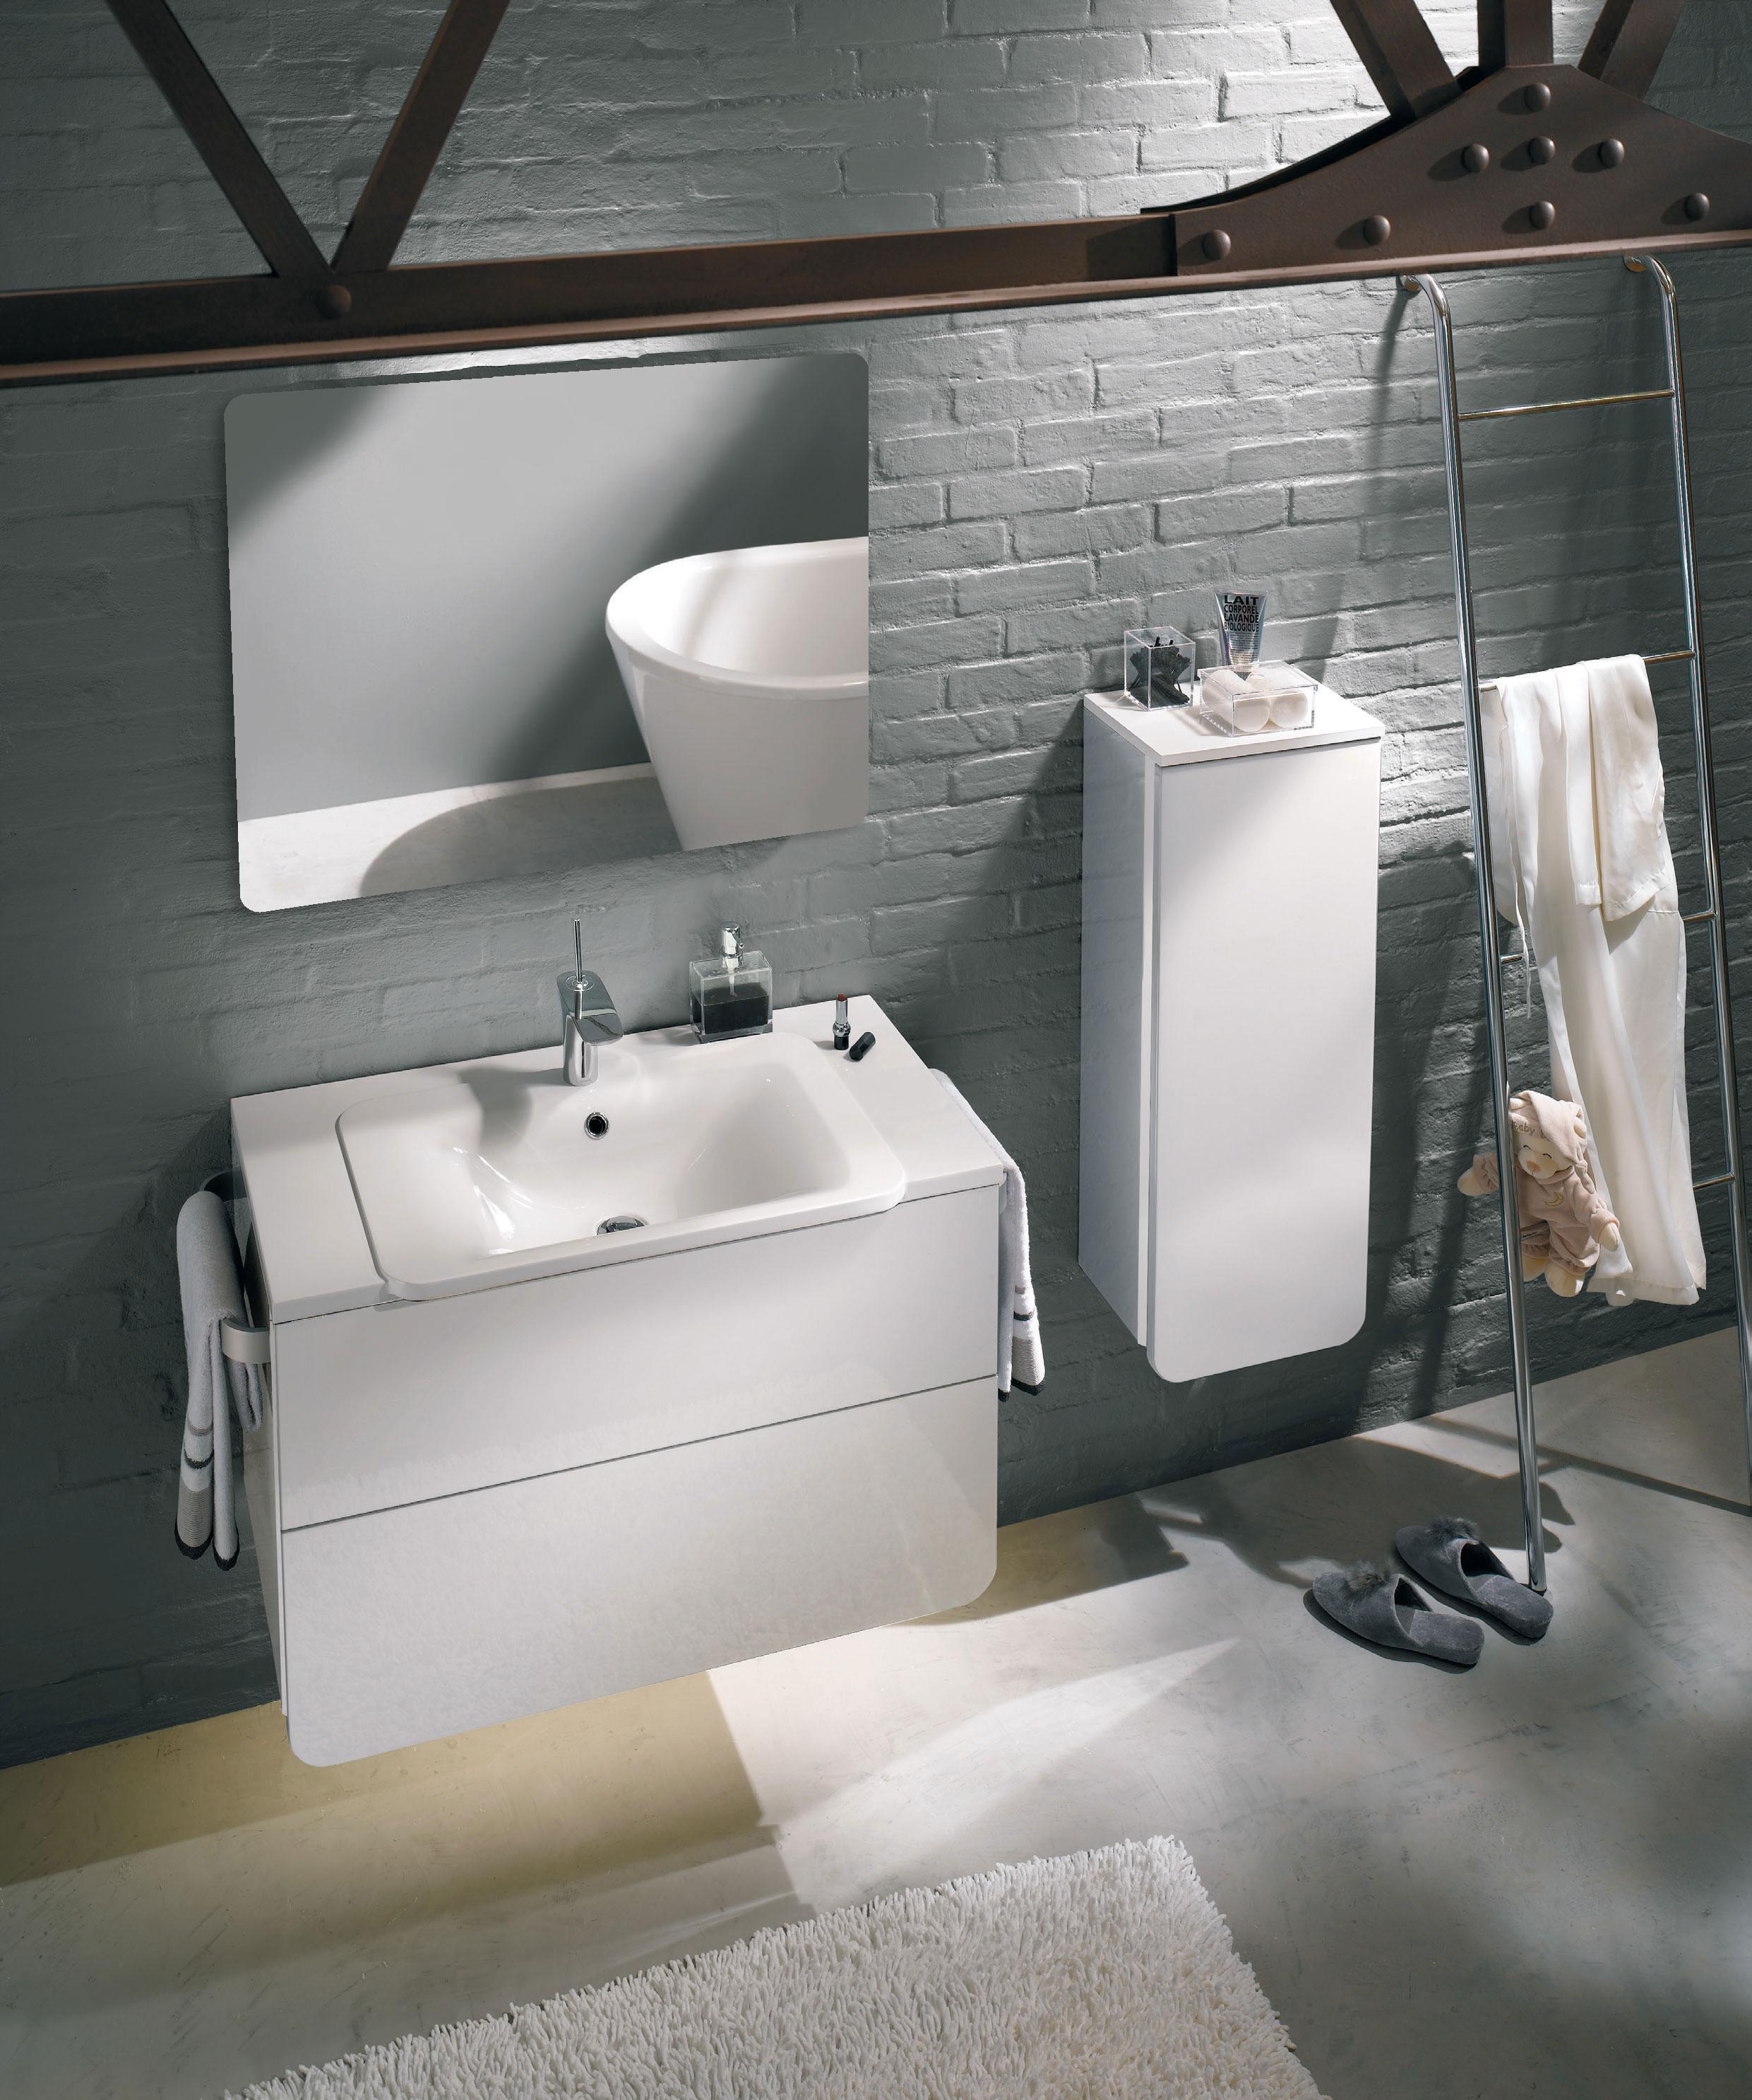 Accueil - Meubles de salle de bains LIDO